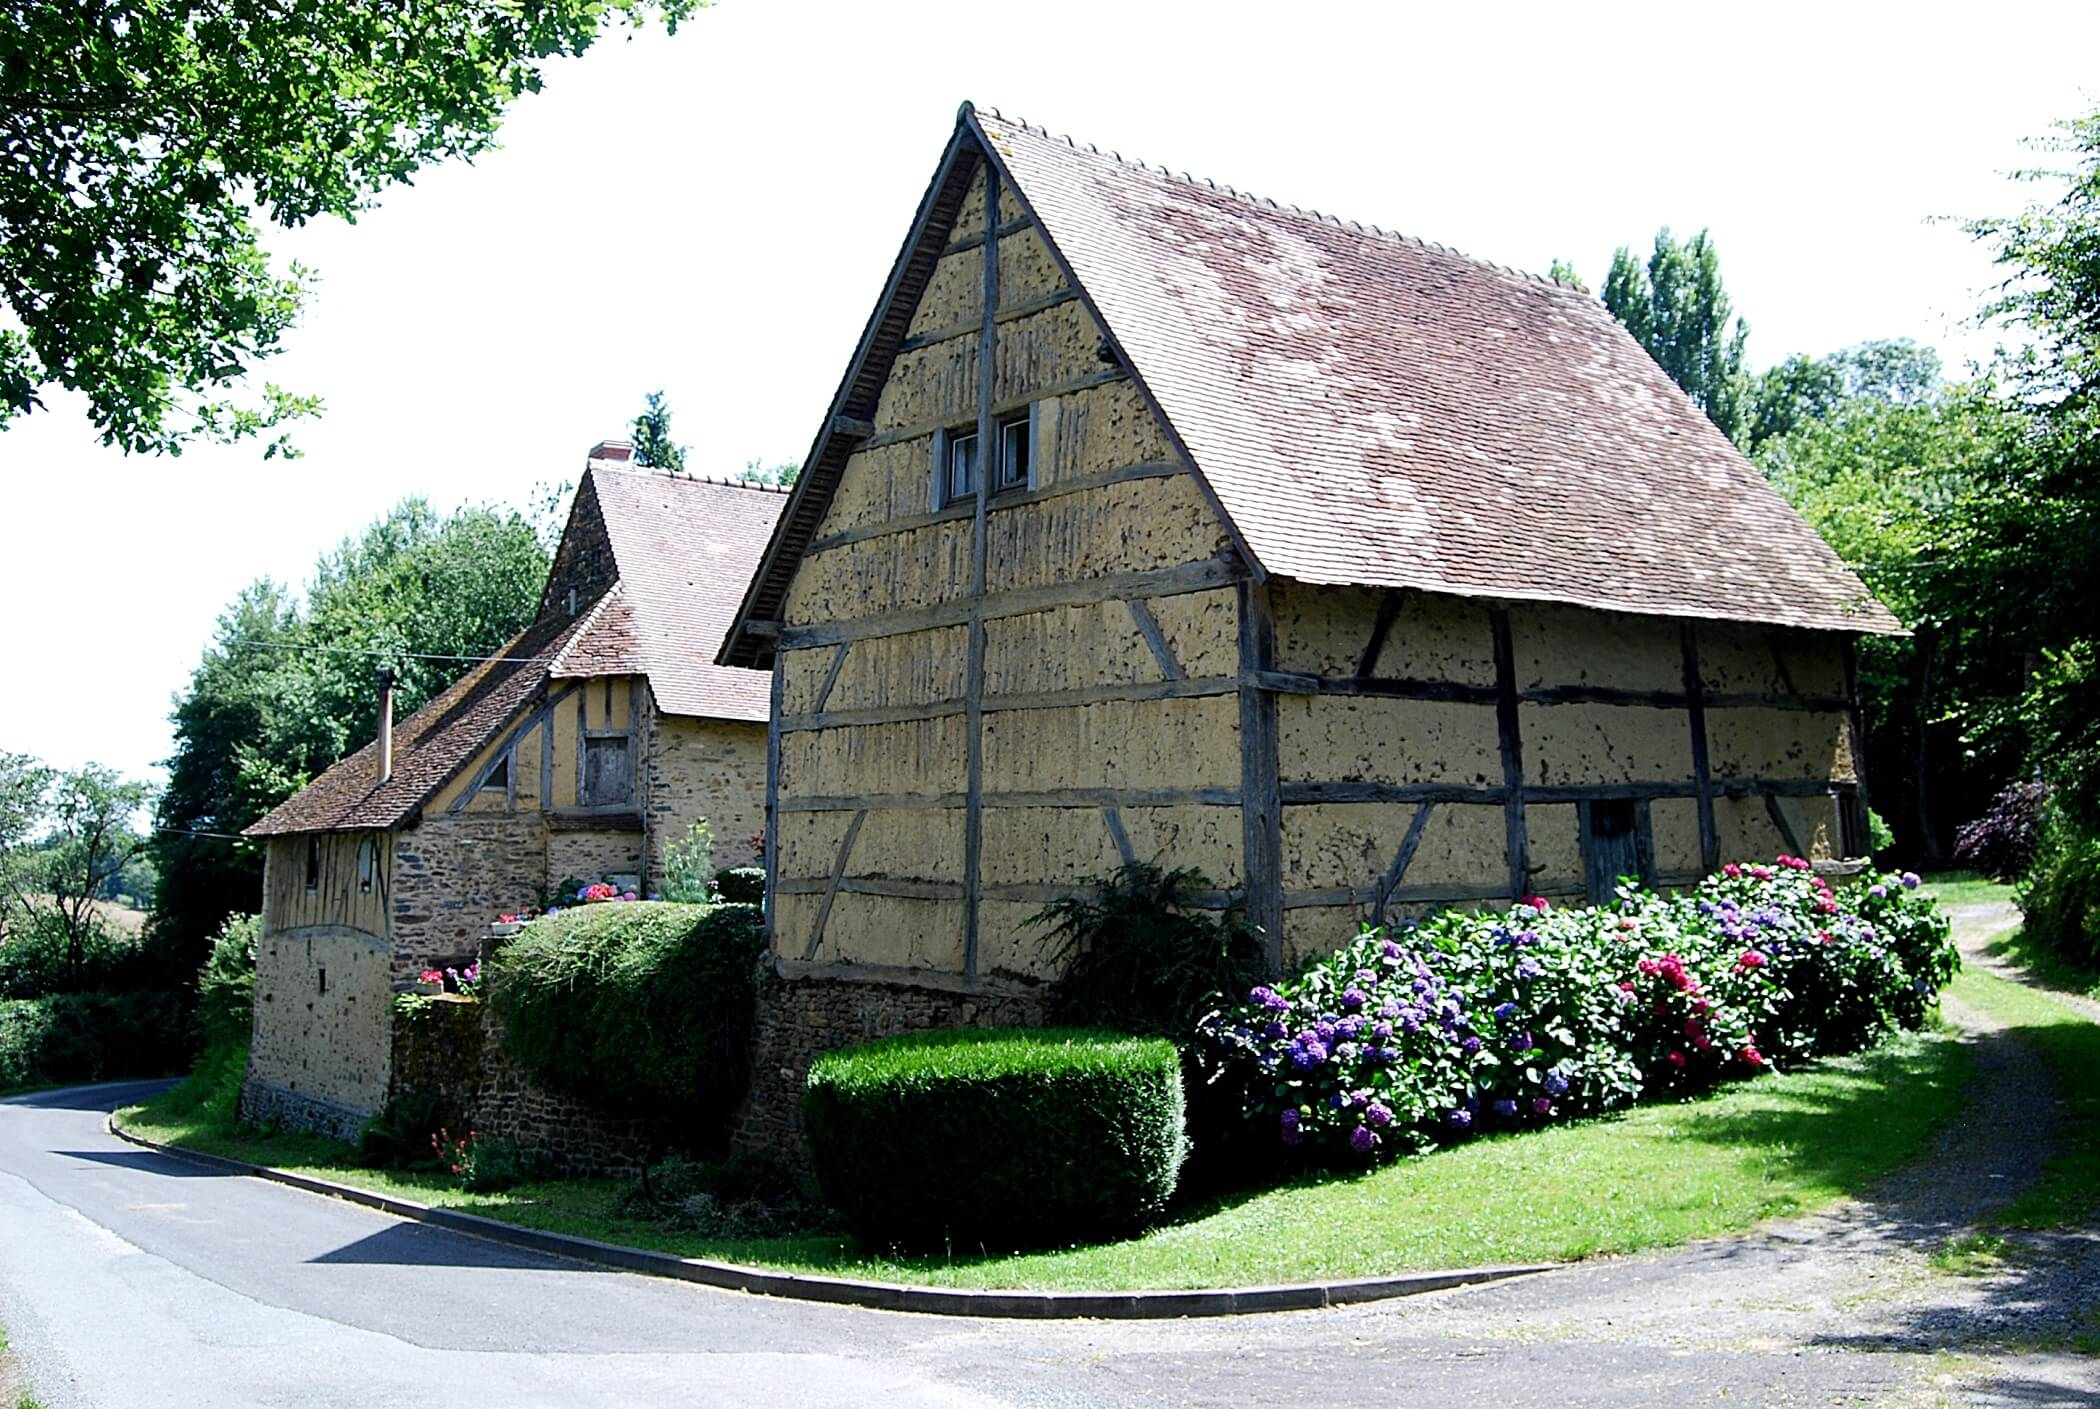 Maison à Vendre Châtelus Malvaleix Attegia Immobilier Creuse